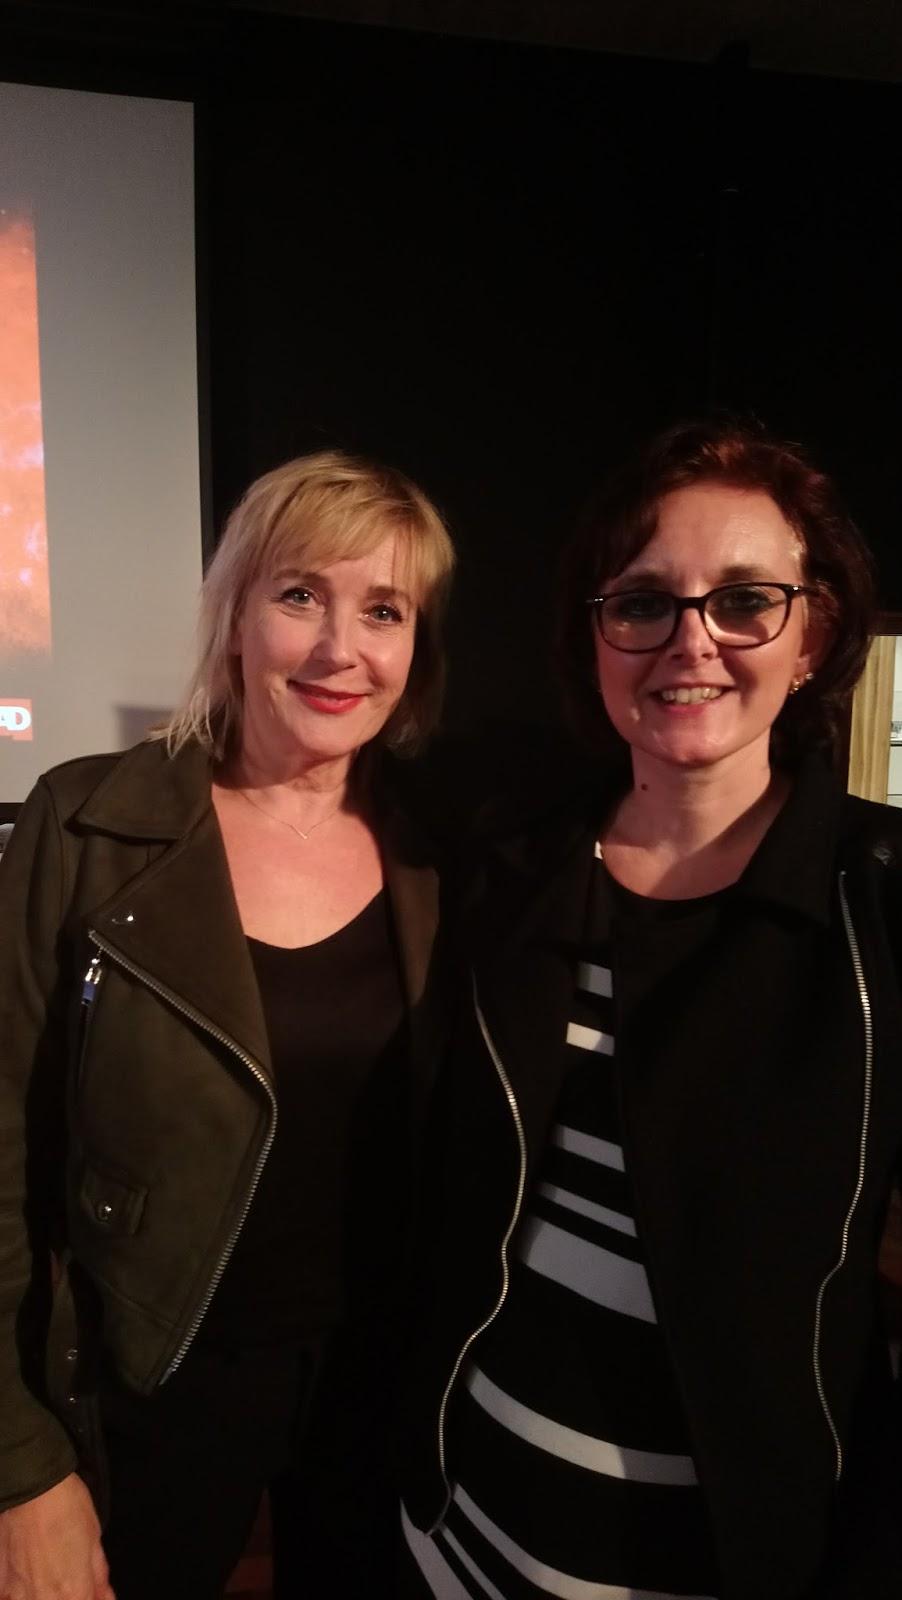 Meet & Greet Inge Ipenburg